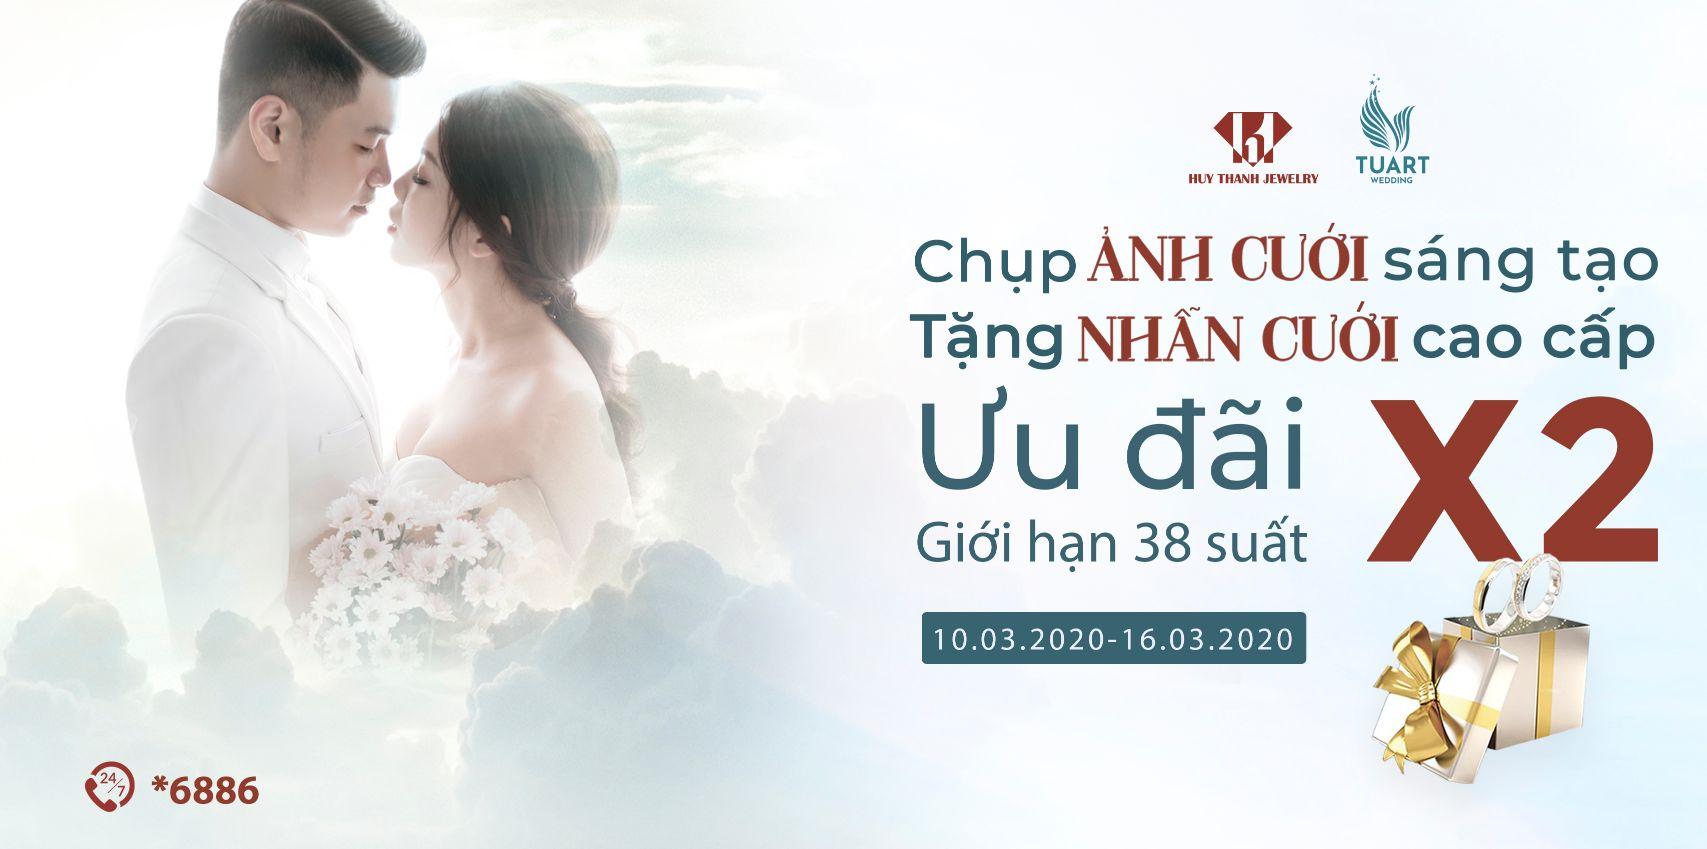 TuArt Wedding: Chụp ảnh cưới – Tặng Nhẫn cưới cao cấp